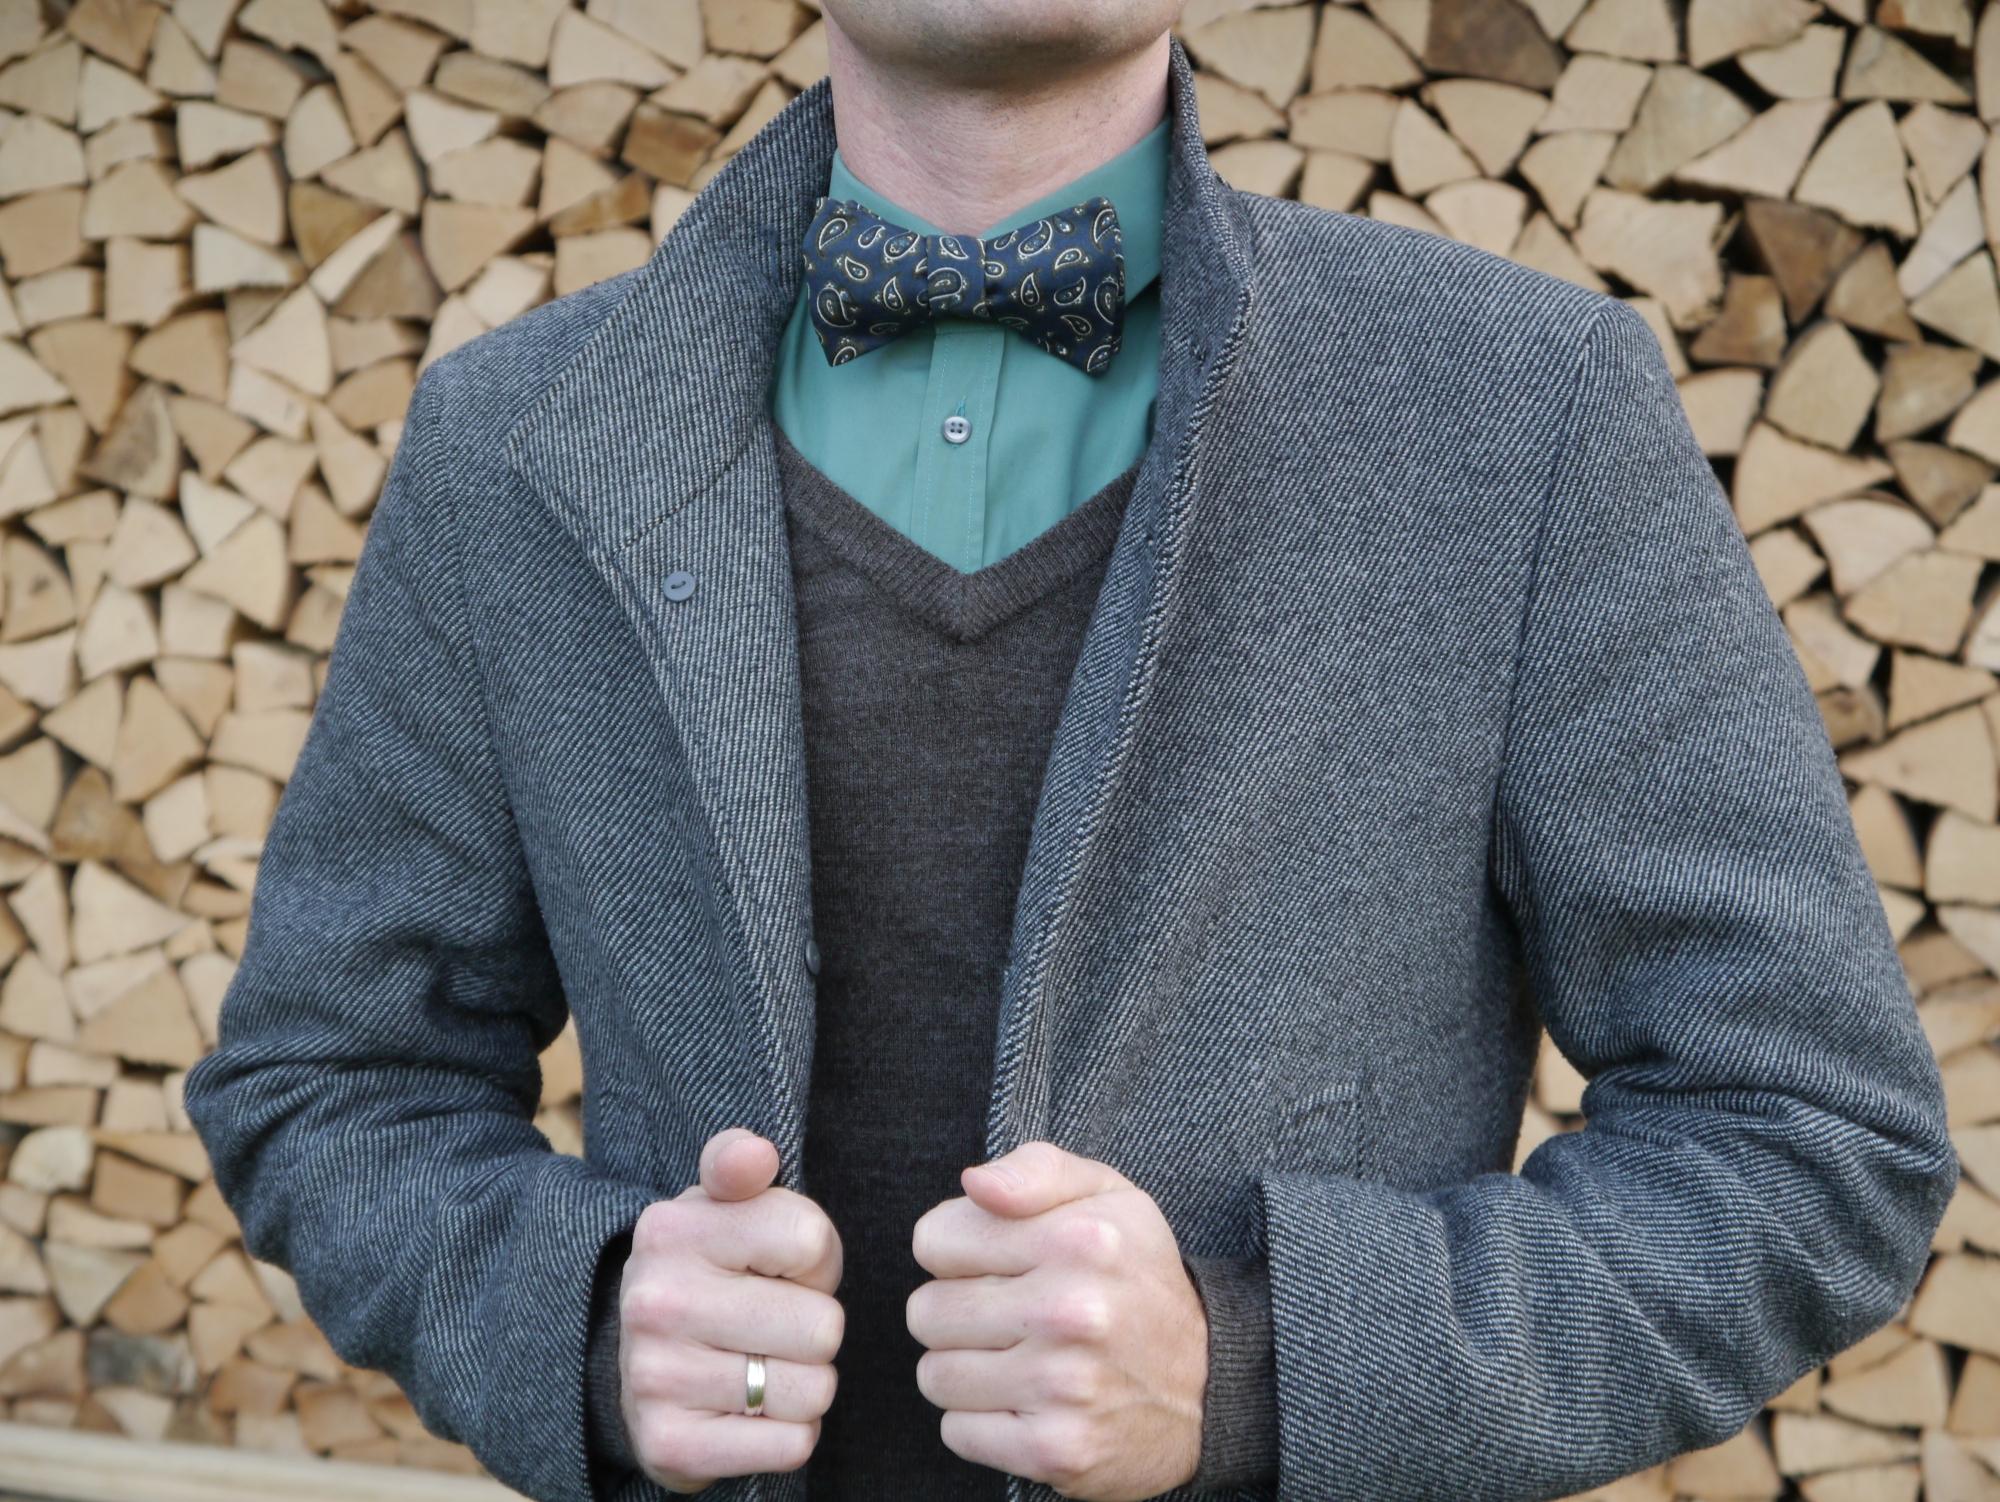 grüne fliege auf brauner pullover und mantel